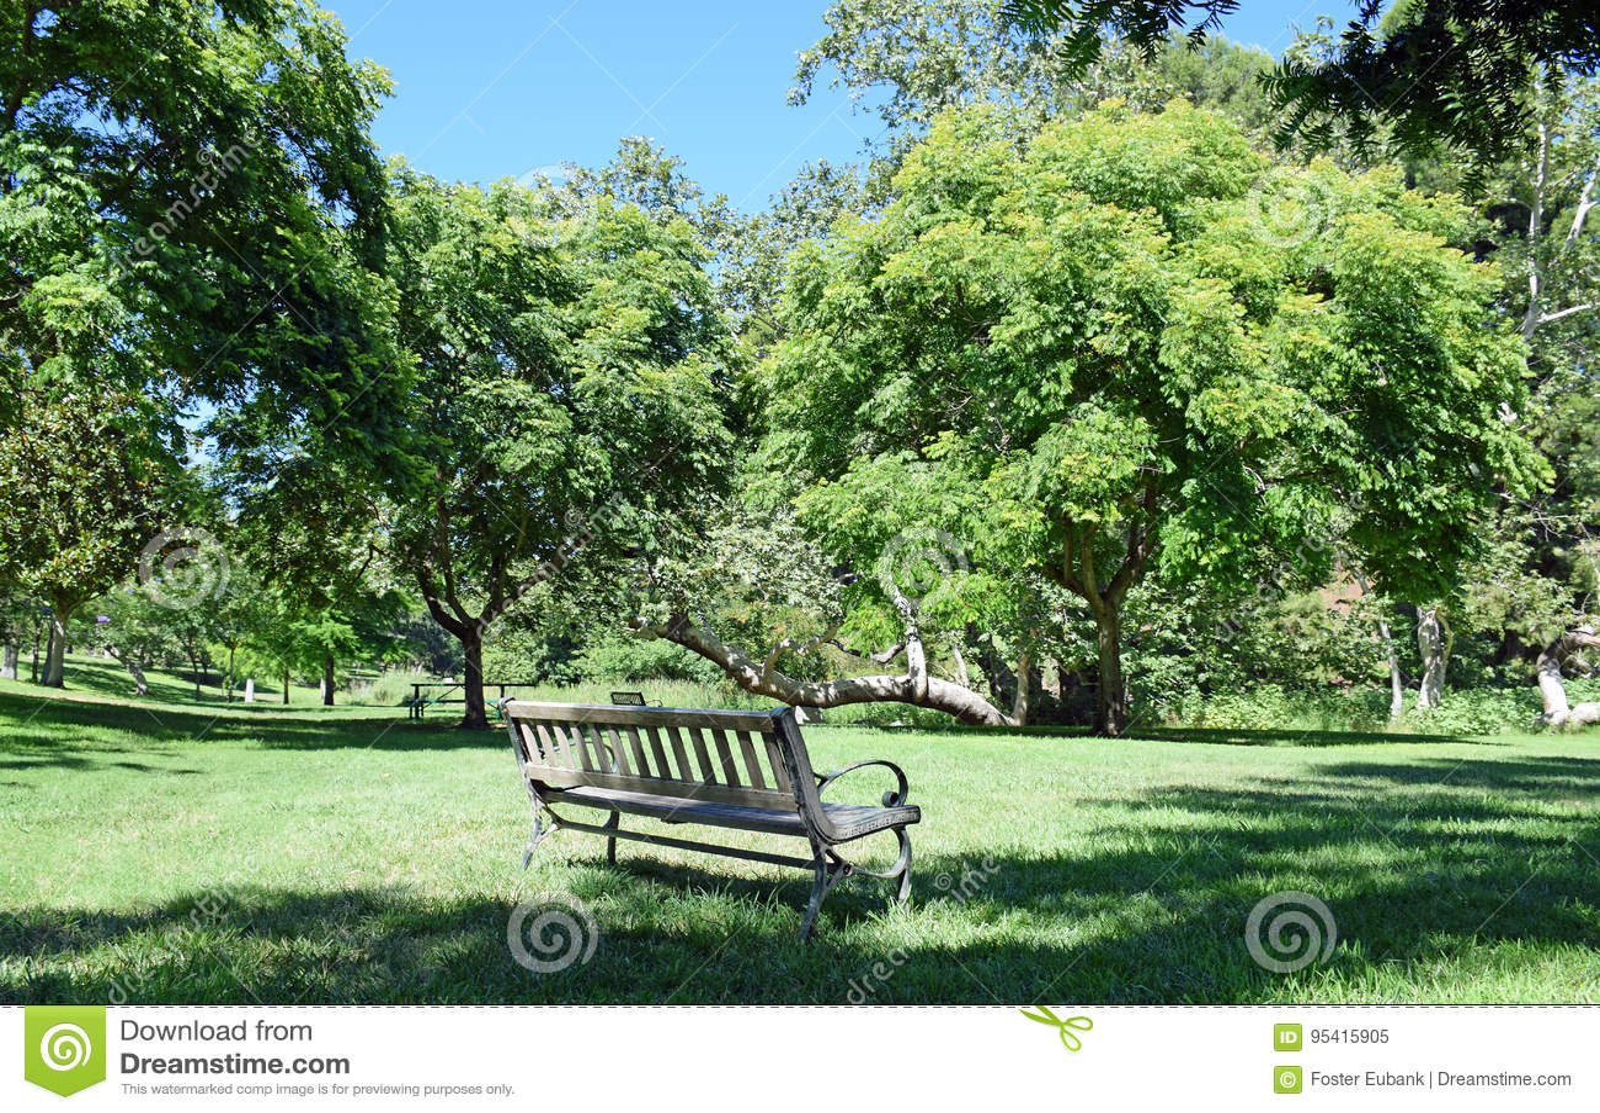 En inviterande bänk som omges av träd i a parkera-som inställning